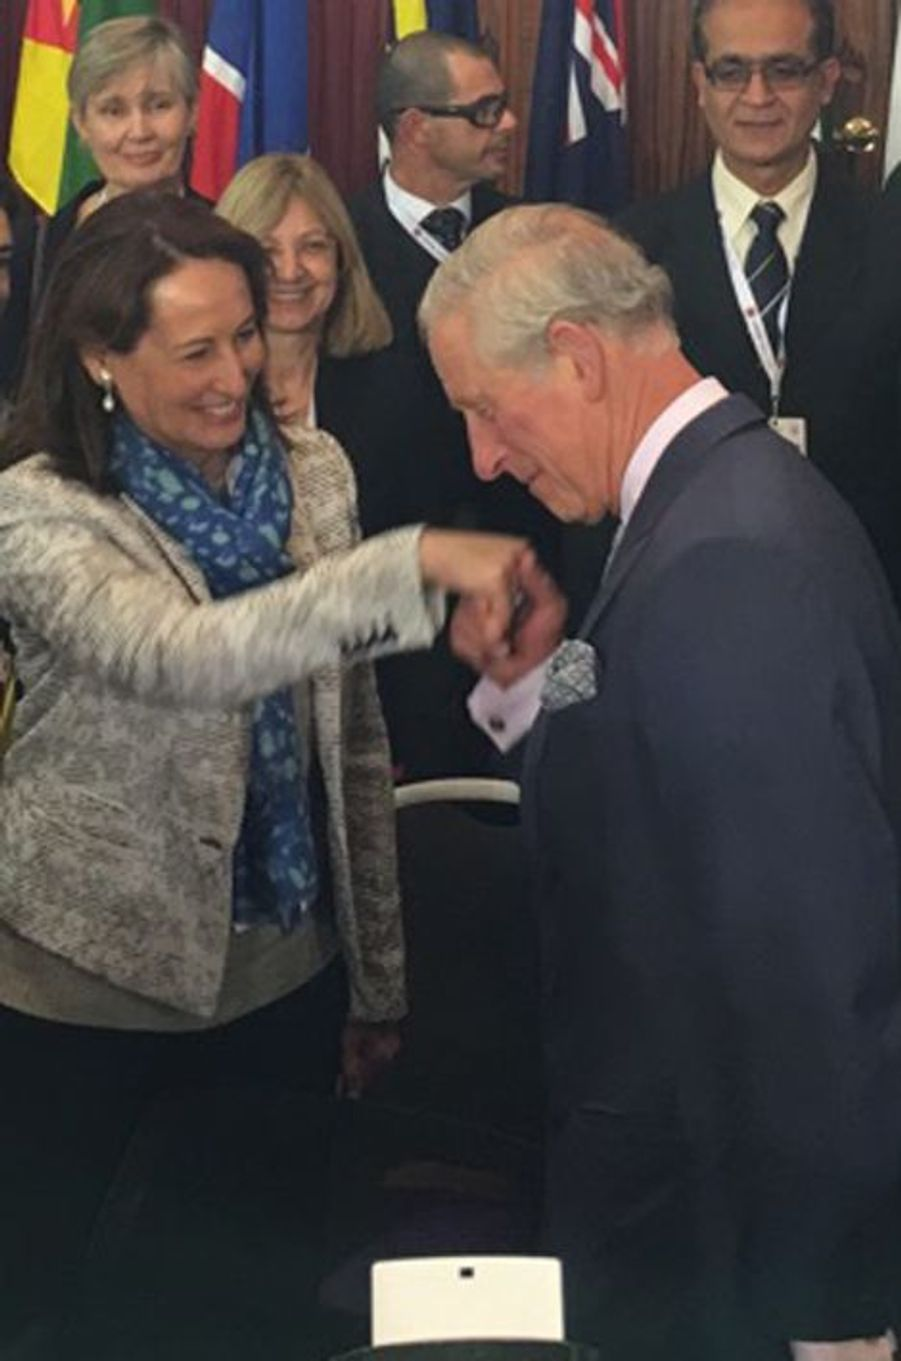 Le prince Charles avec Ségolène Royal à Malte, le 27 novembre 2015